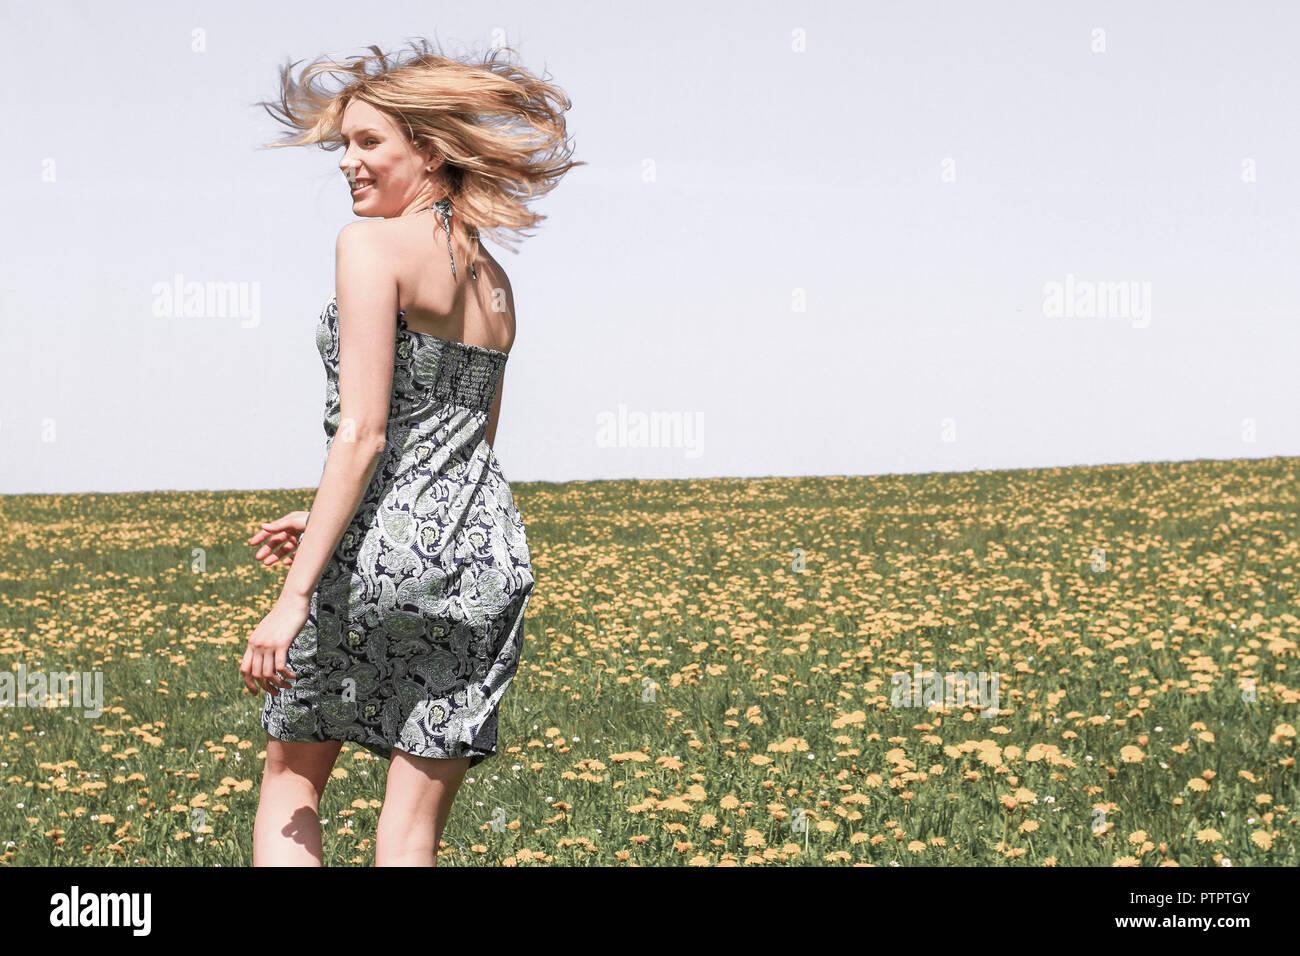 glueckliche junge Frau Fruehling, Blumenwiese, laufen, rennen, tanzen (Modellfreigabe) - Stock Image